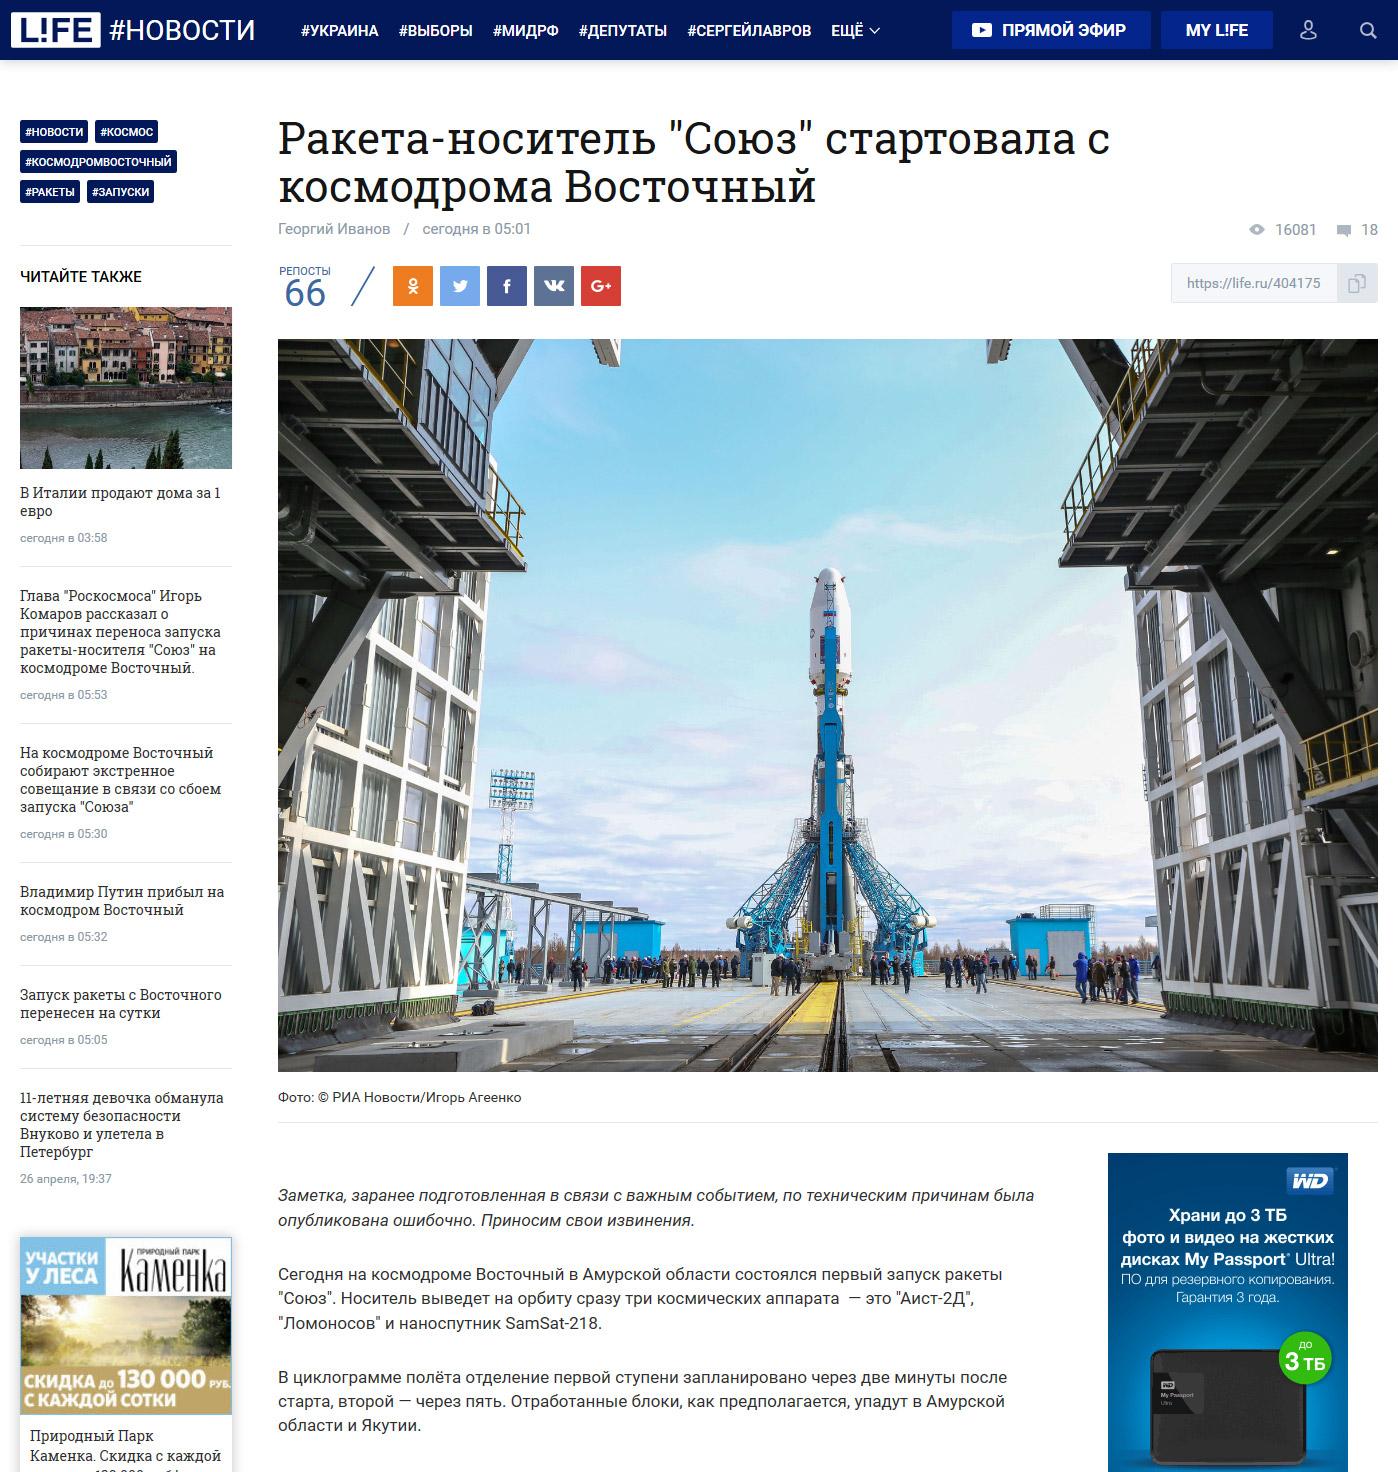 Life.ru запустил Союз с космодрома Восточный (а Путин нет)